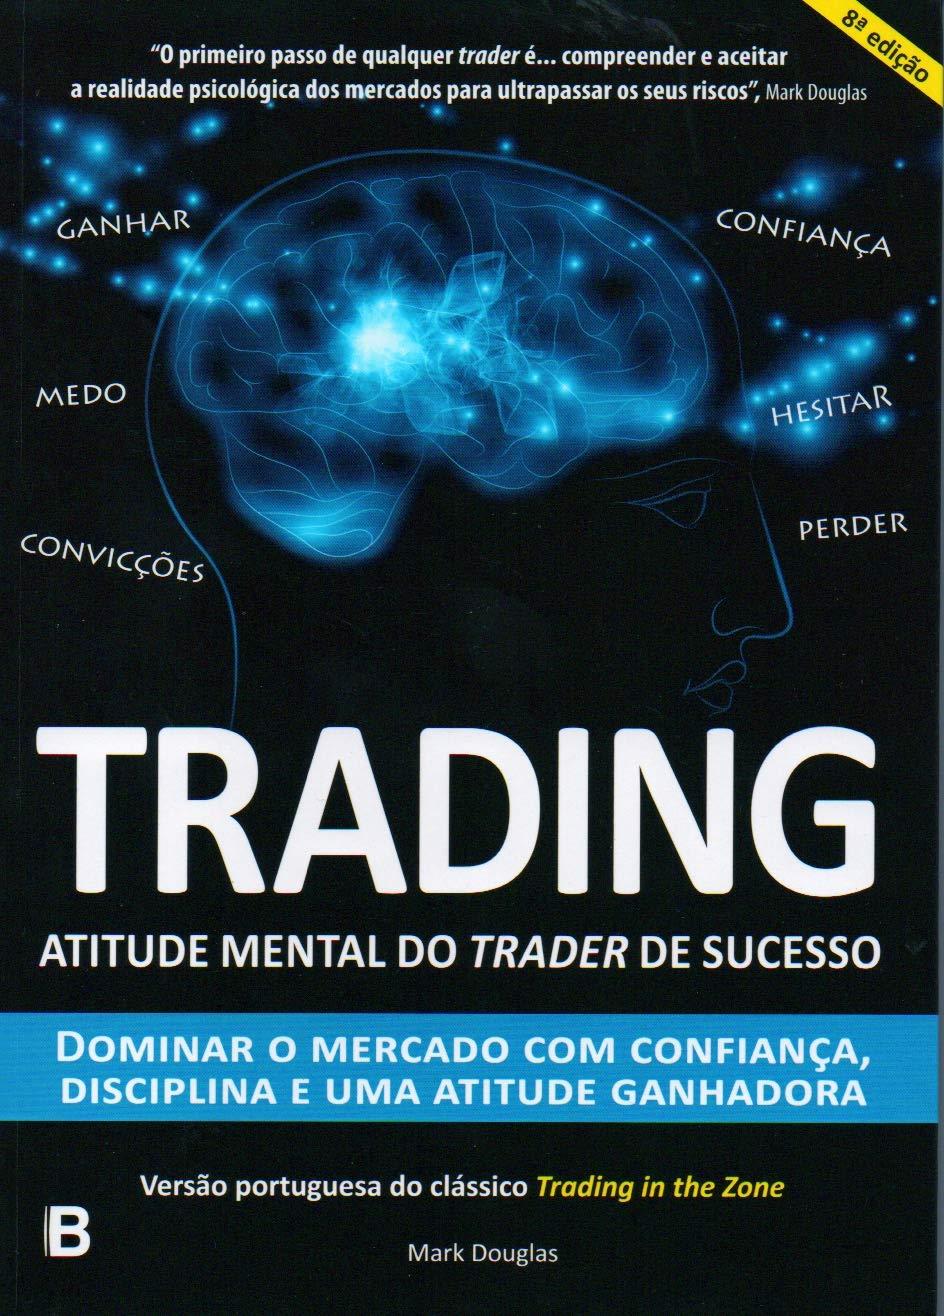 traders de sucesso trading en cfd